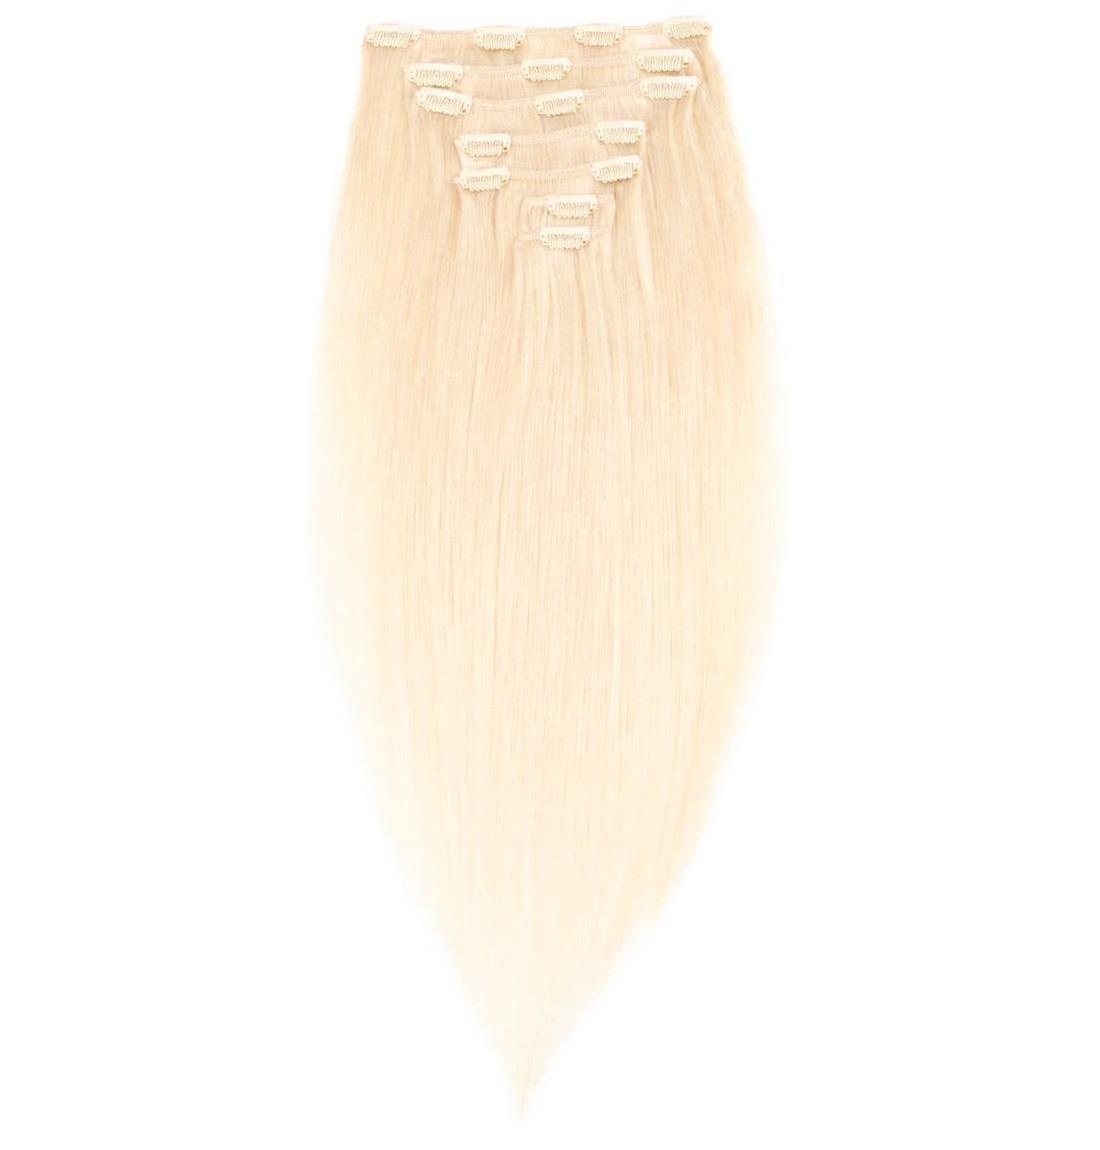 Волосы на заколках 40 см 120 грамм. Цвет #613 Блонд, фото 1